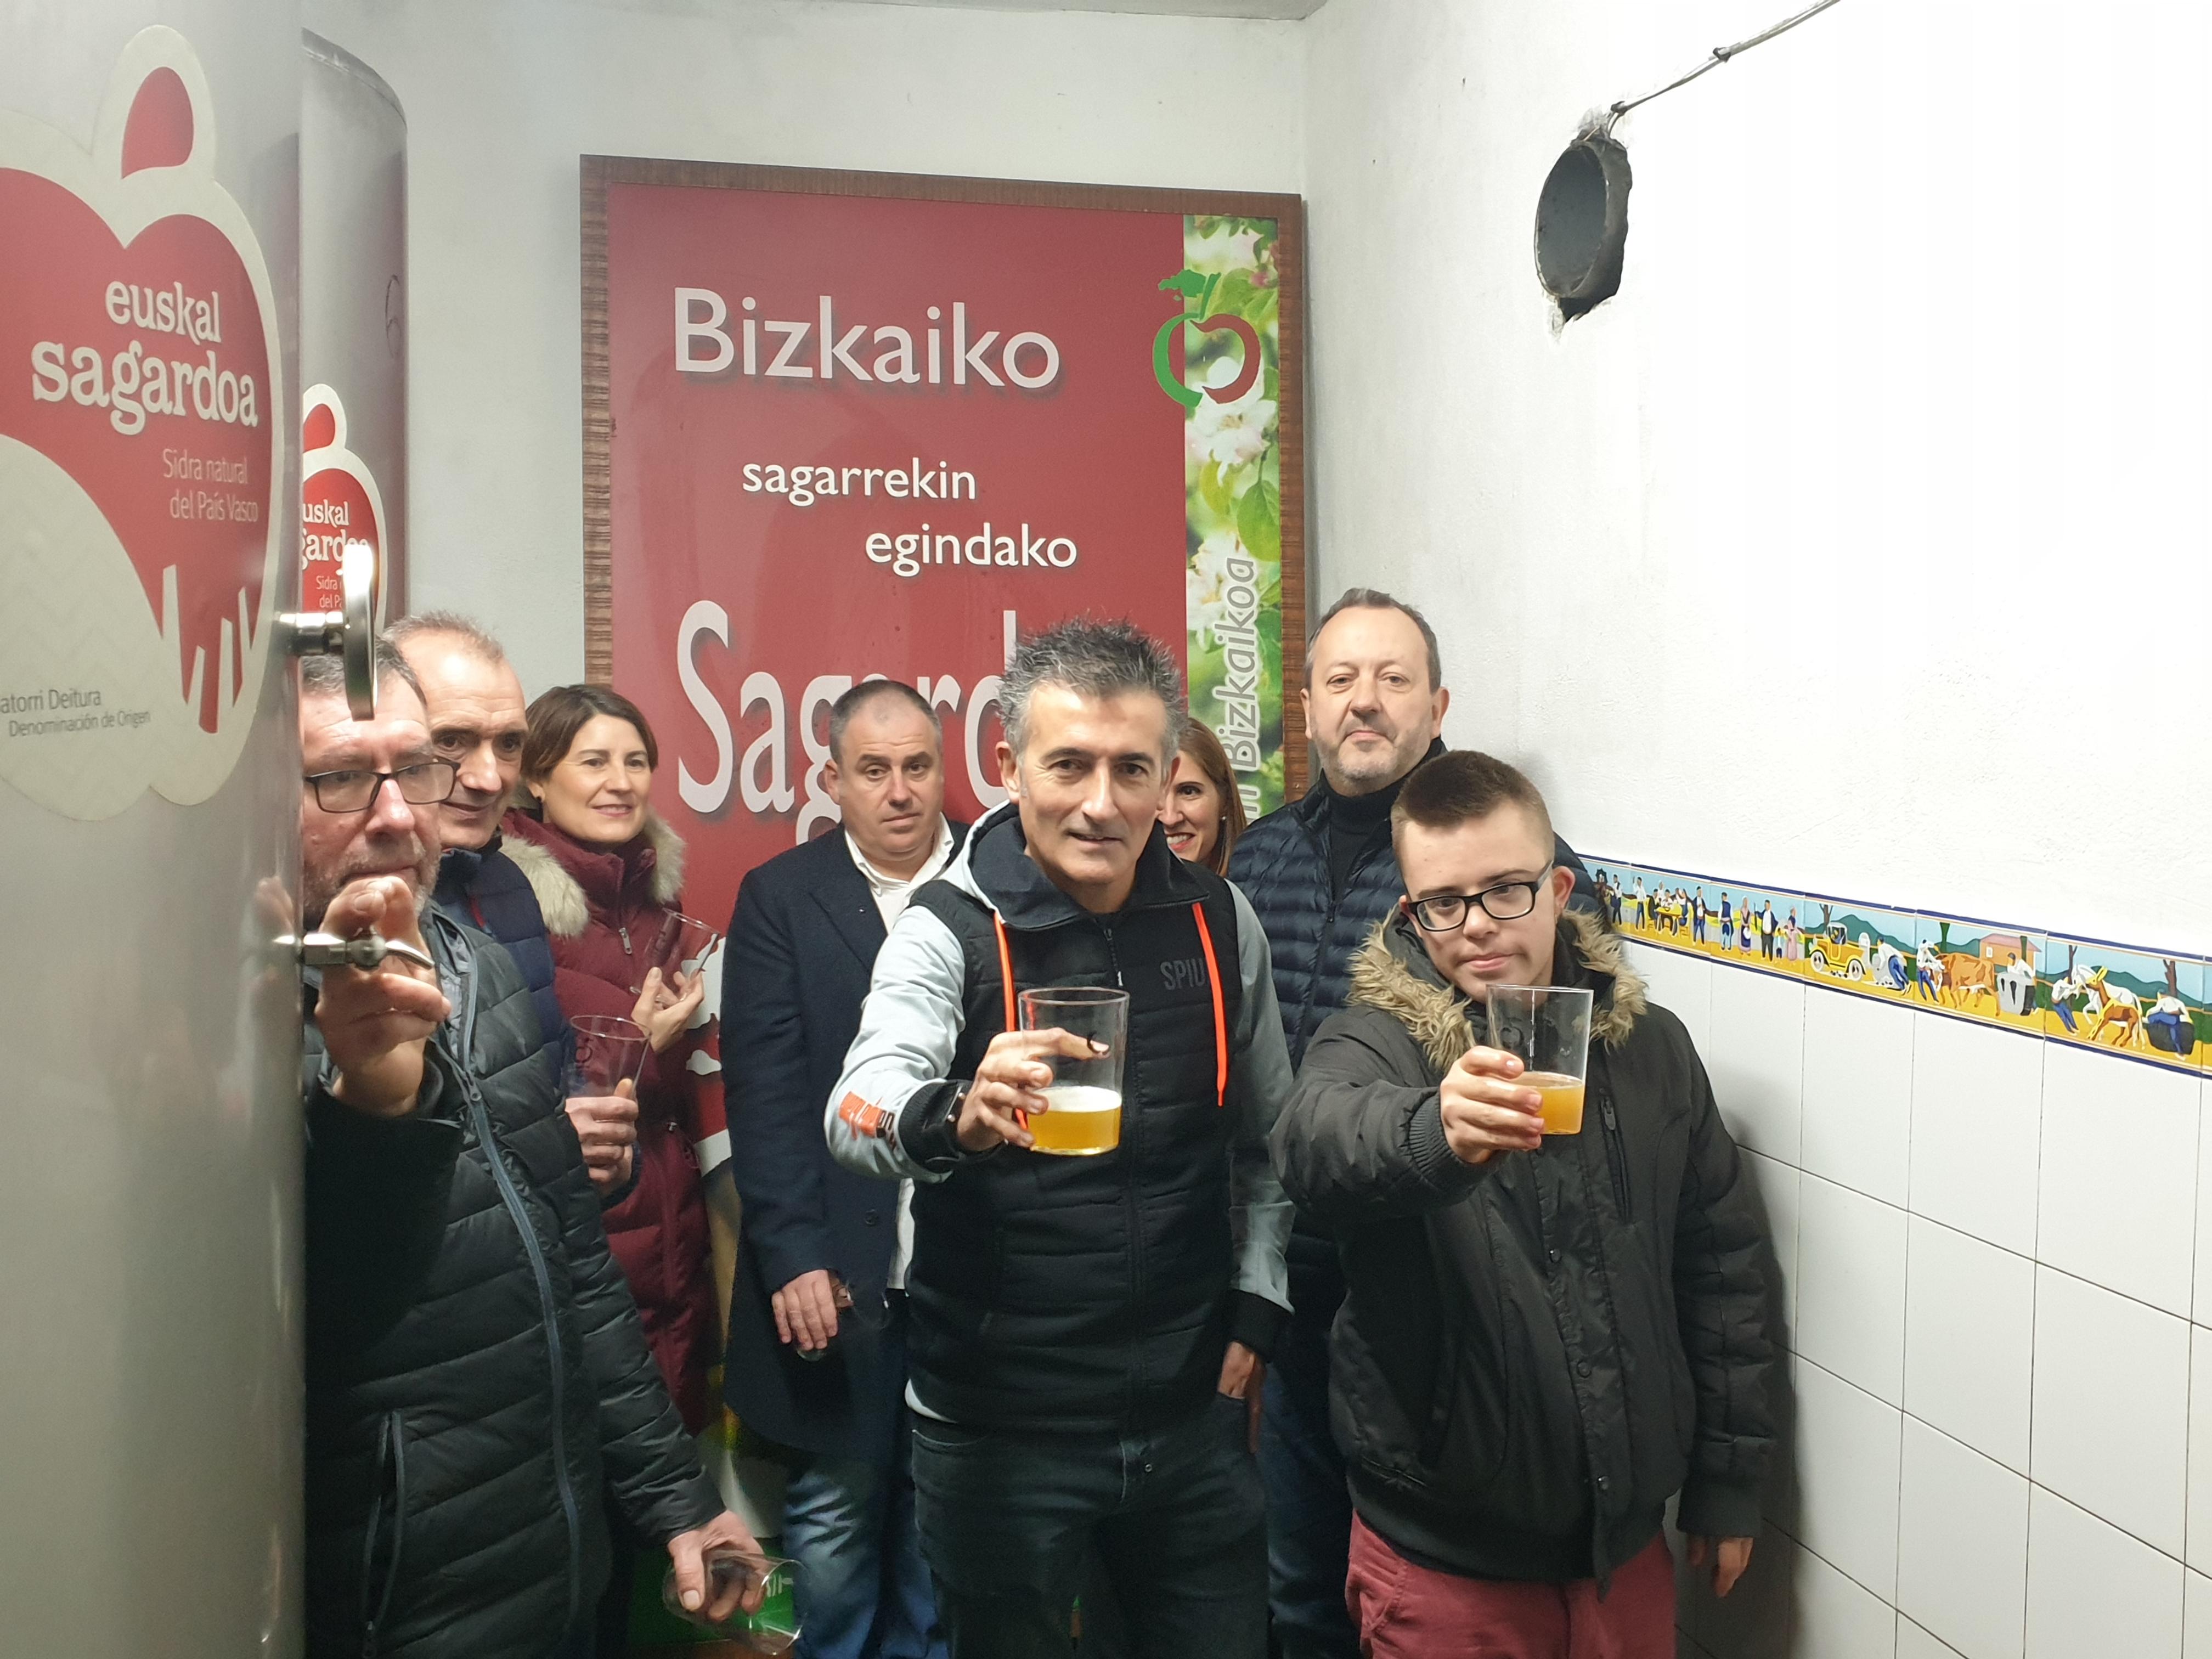 Sagardoa_Bizkaia_1.jpg